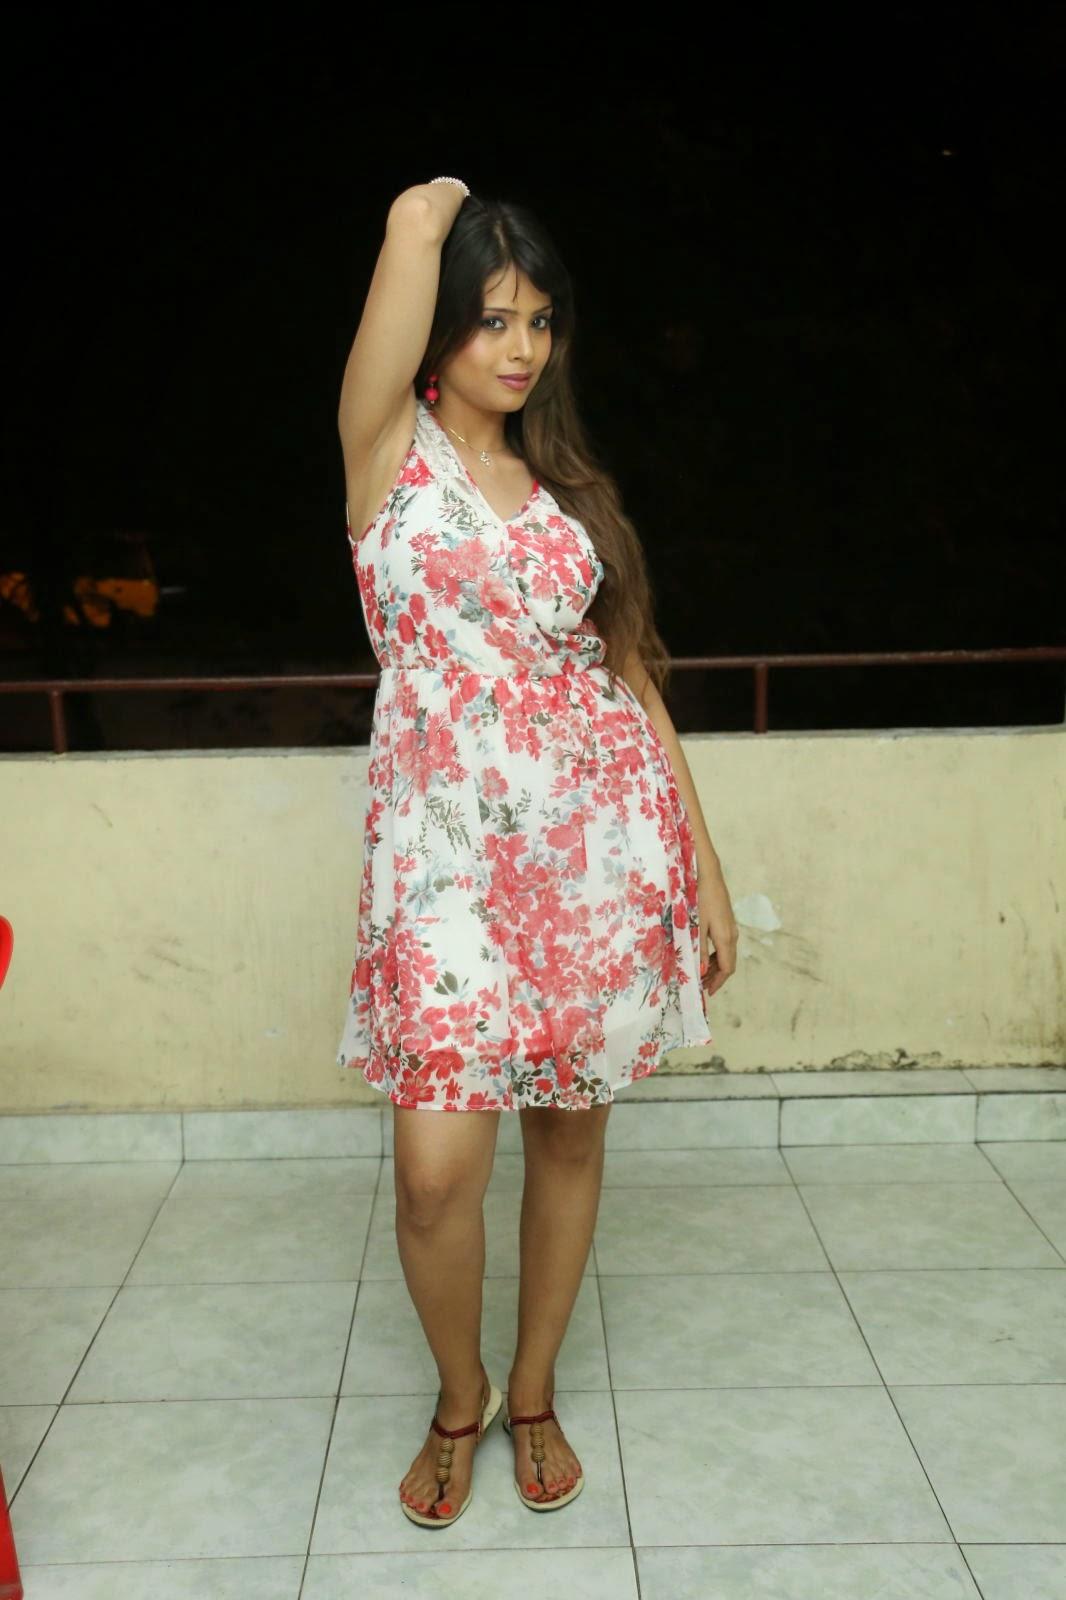 Komal sharma glamorous photos-HQ-Photo-16